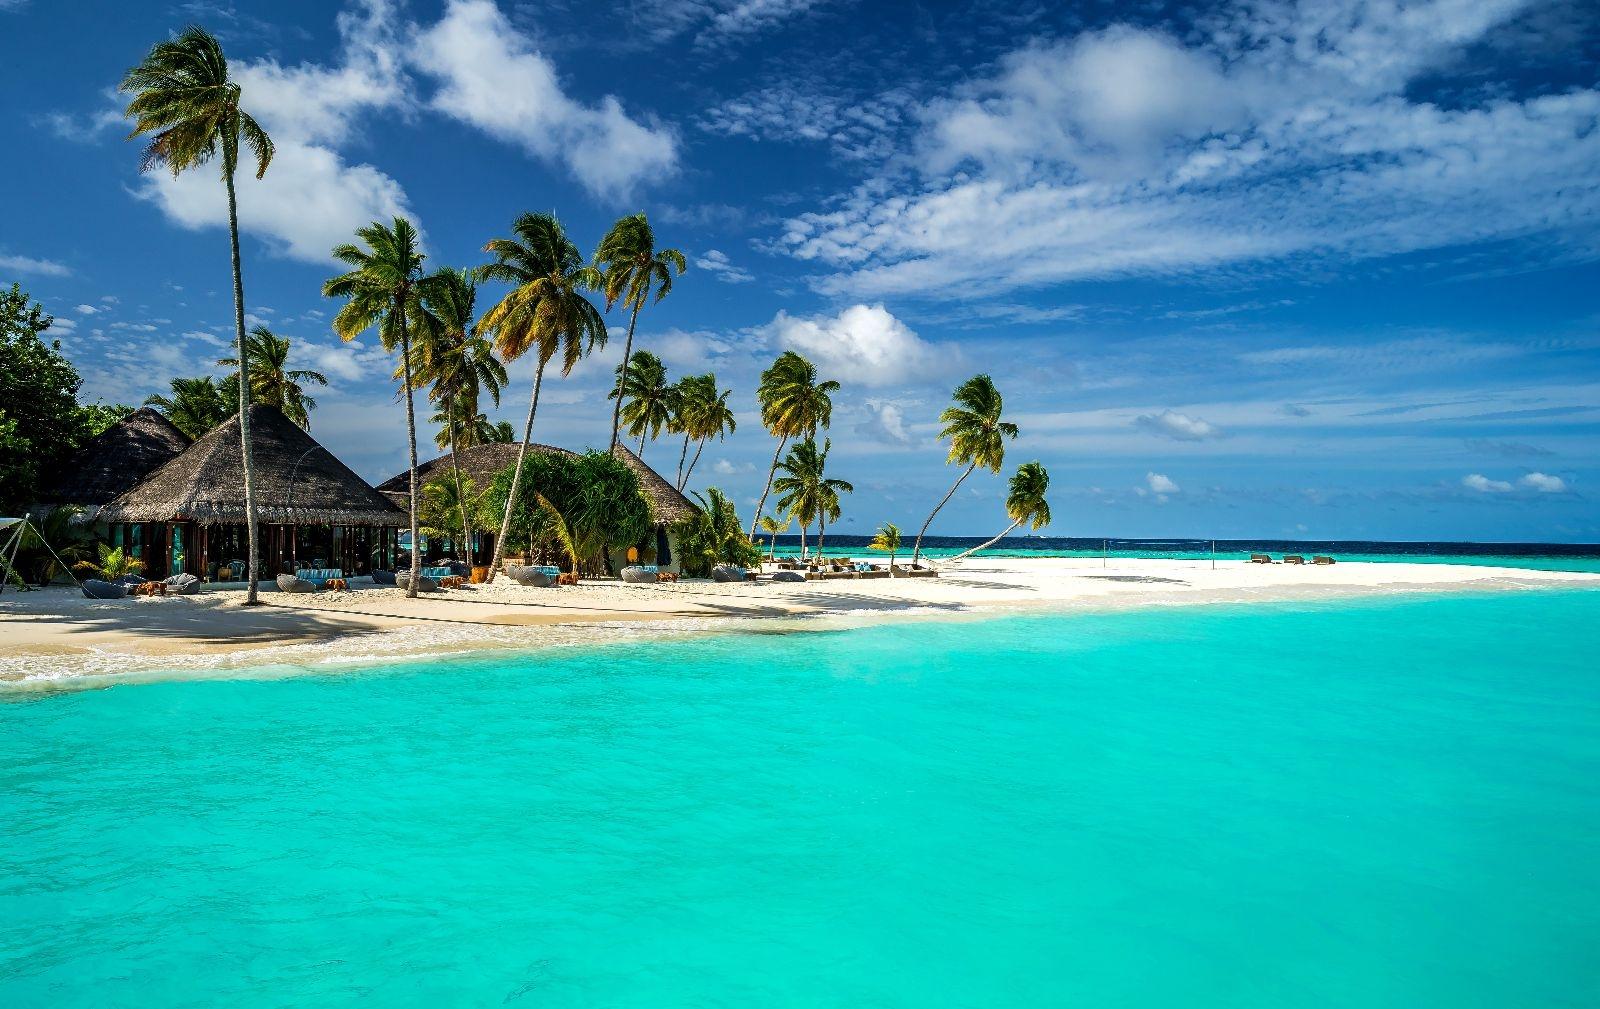 Карантин на Мальдивах: туристов приглашают на роскошный курорт для изоляции от коронавируса (видео) - фото №1